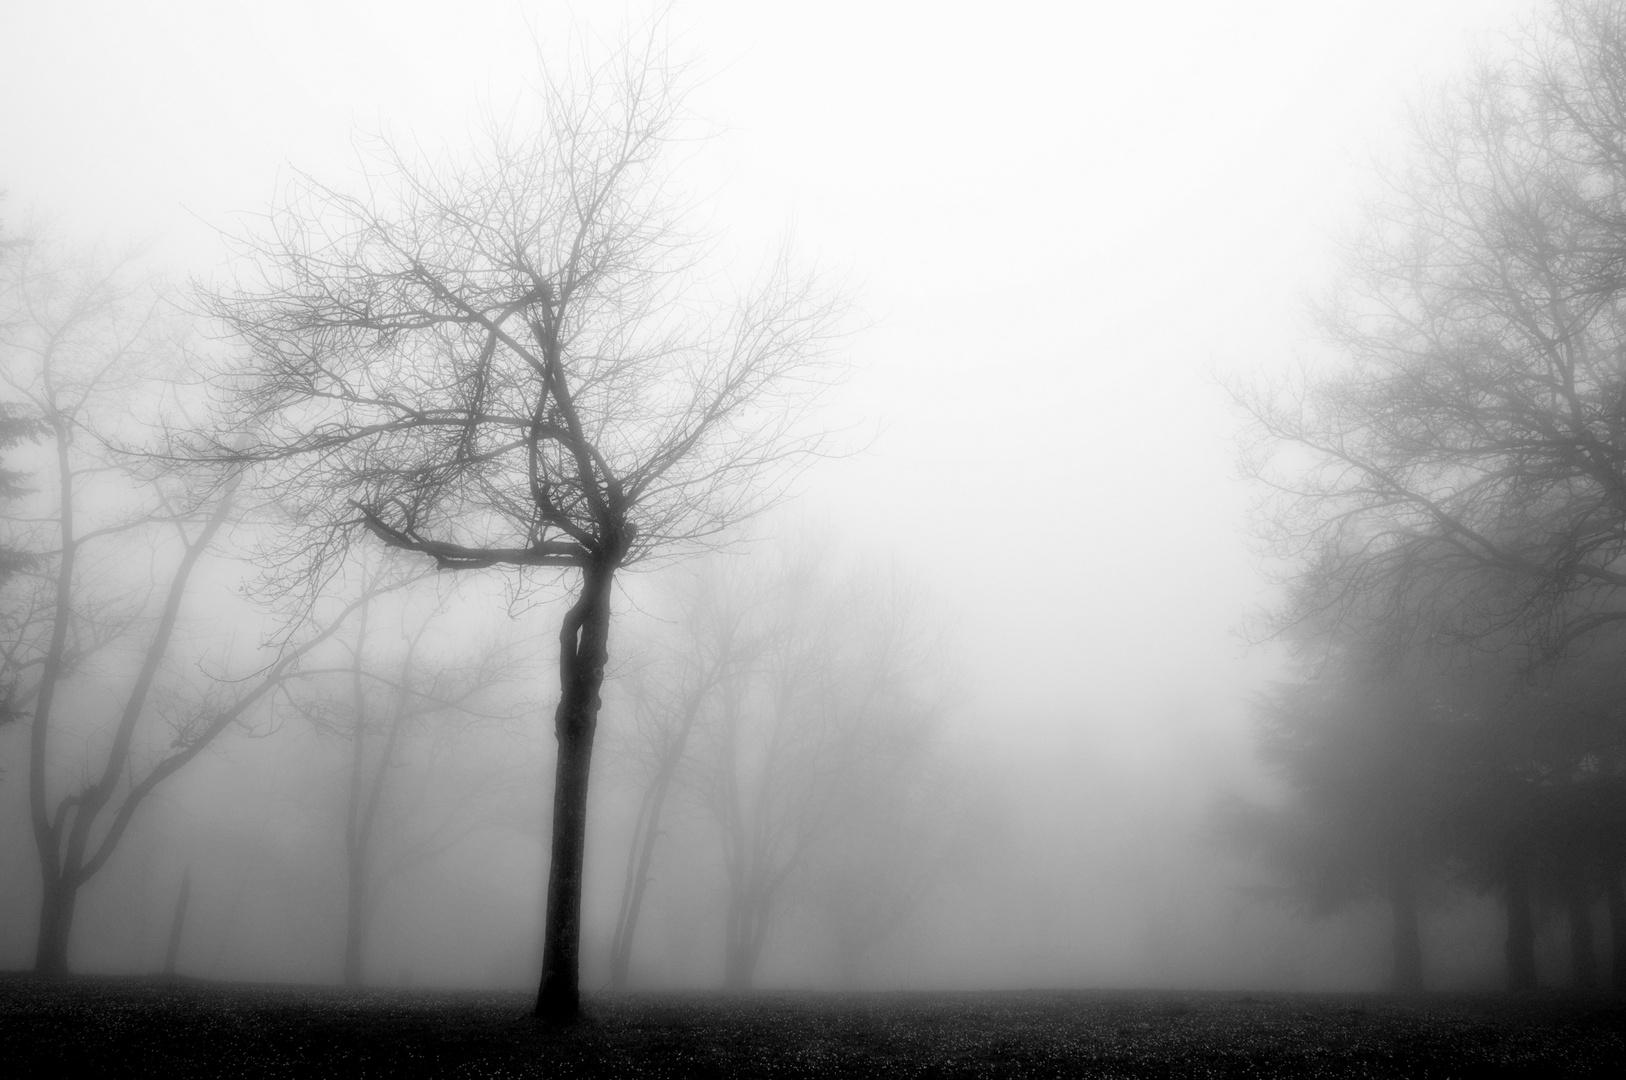 misty spring bn